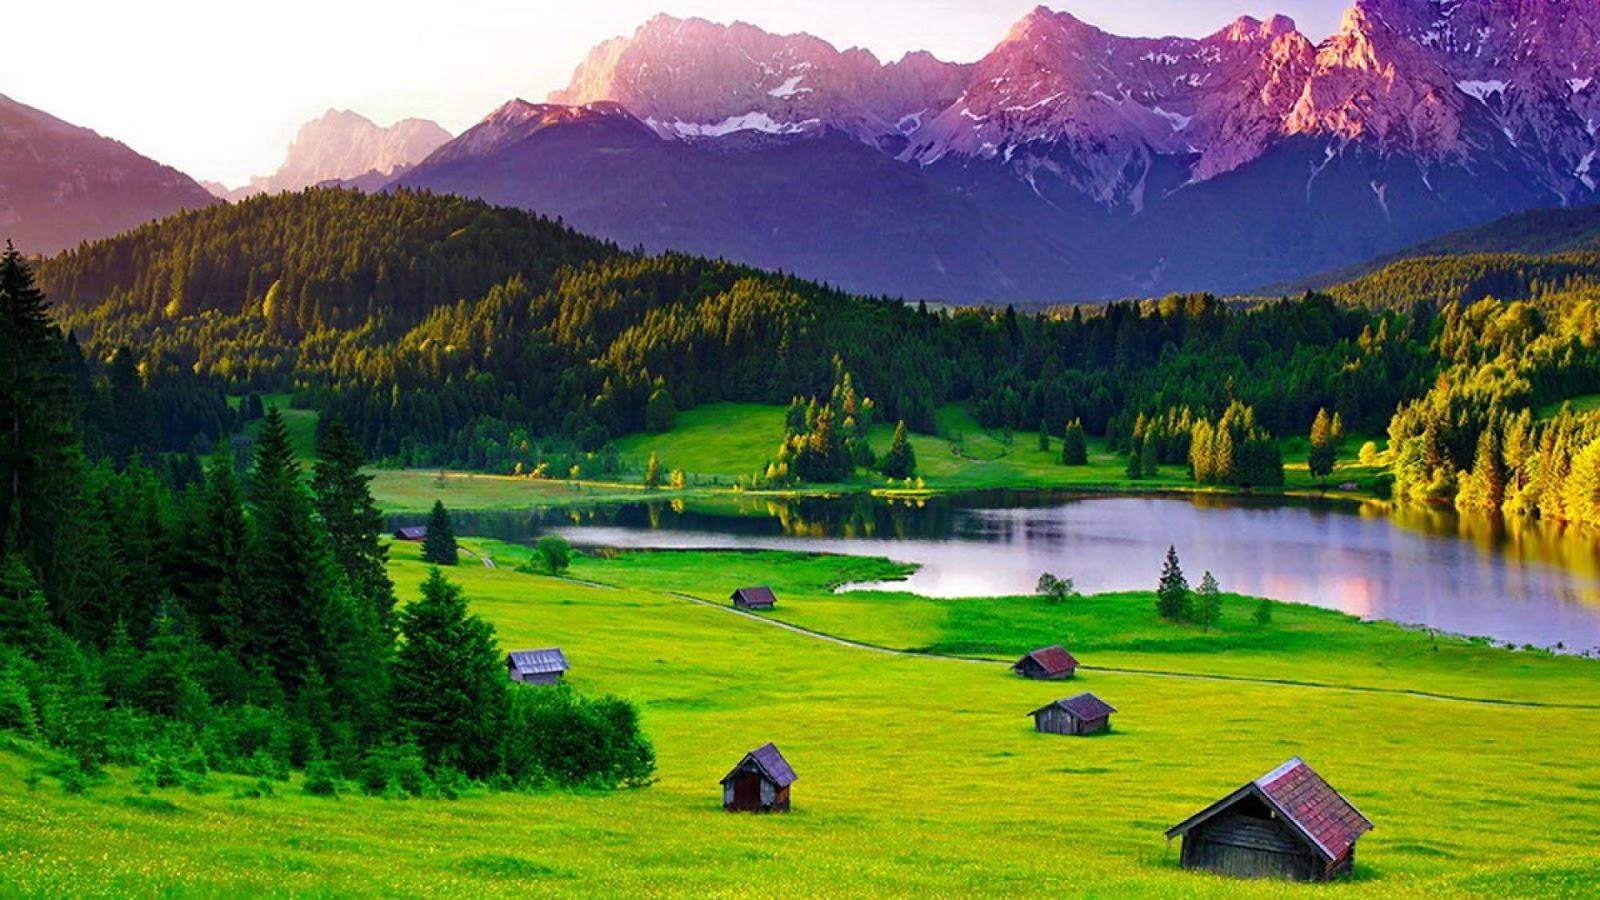 hình nền thung lũng núi đồi và cánh đồng cỏ đẹp